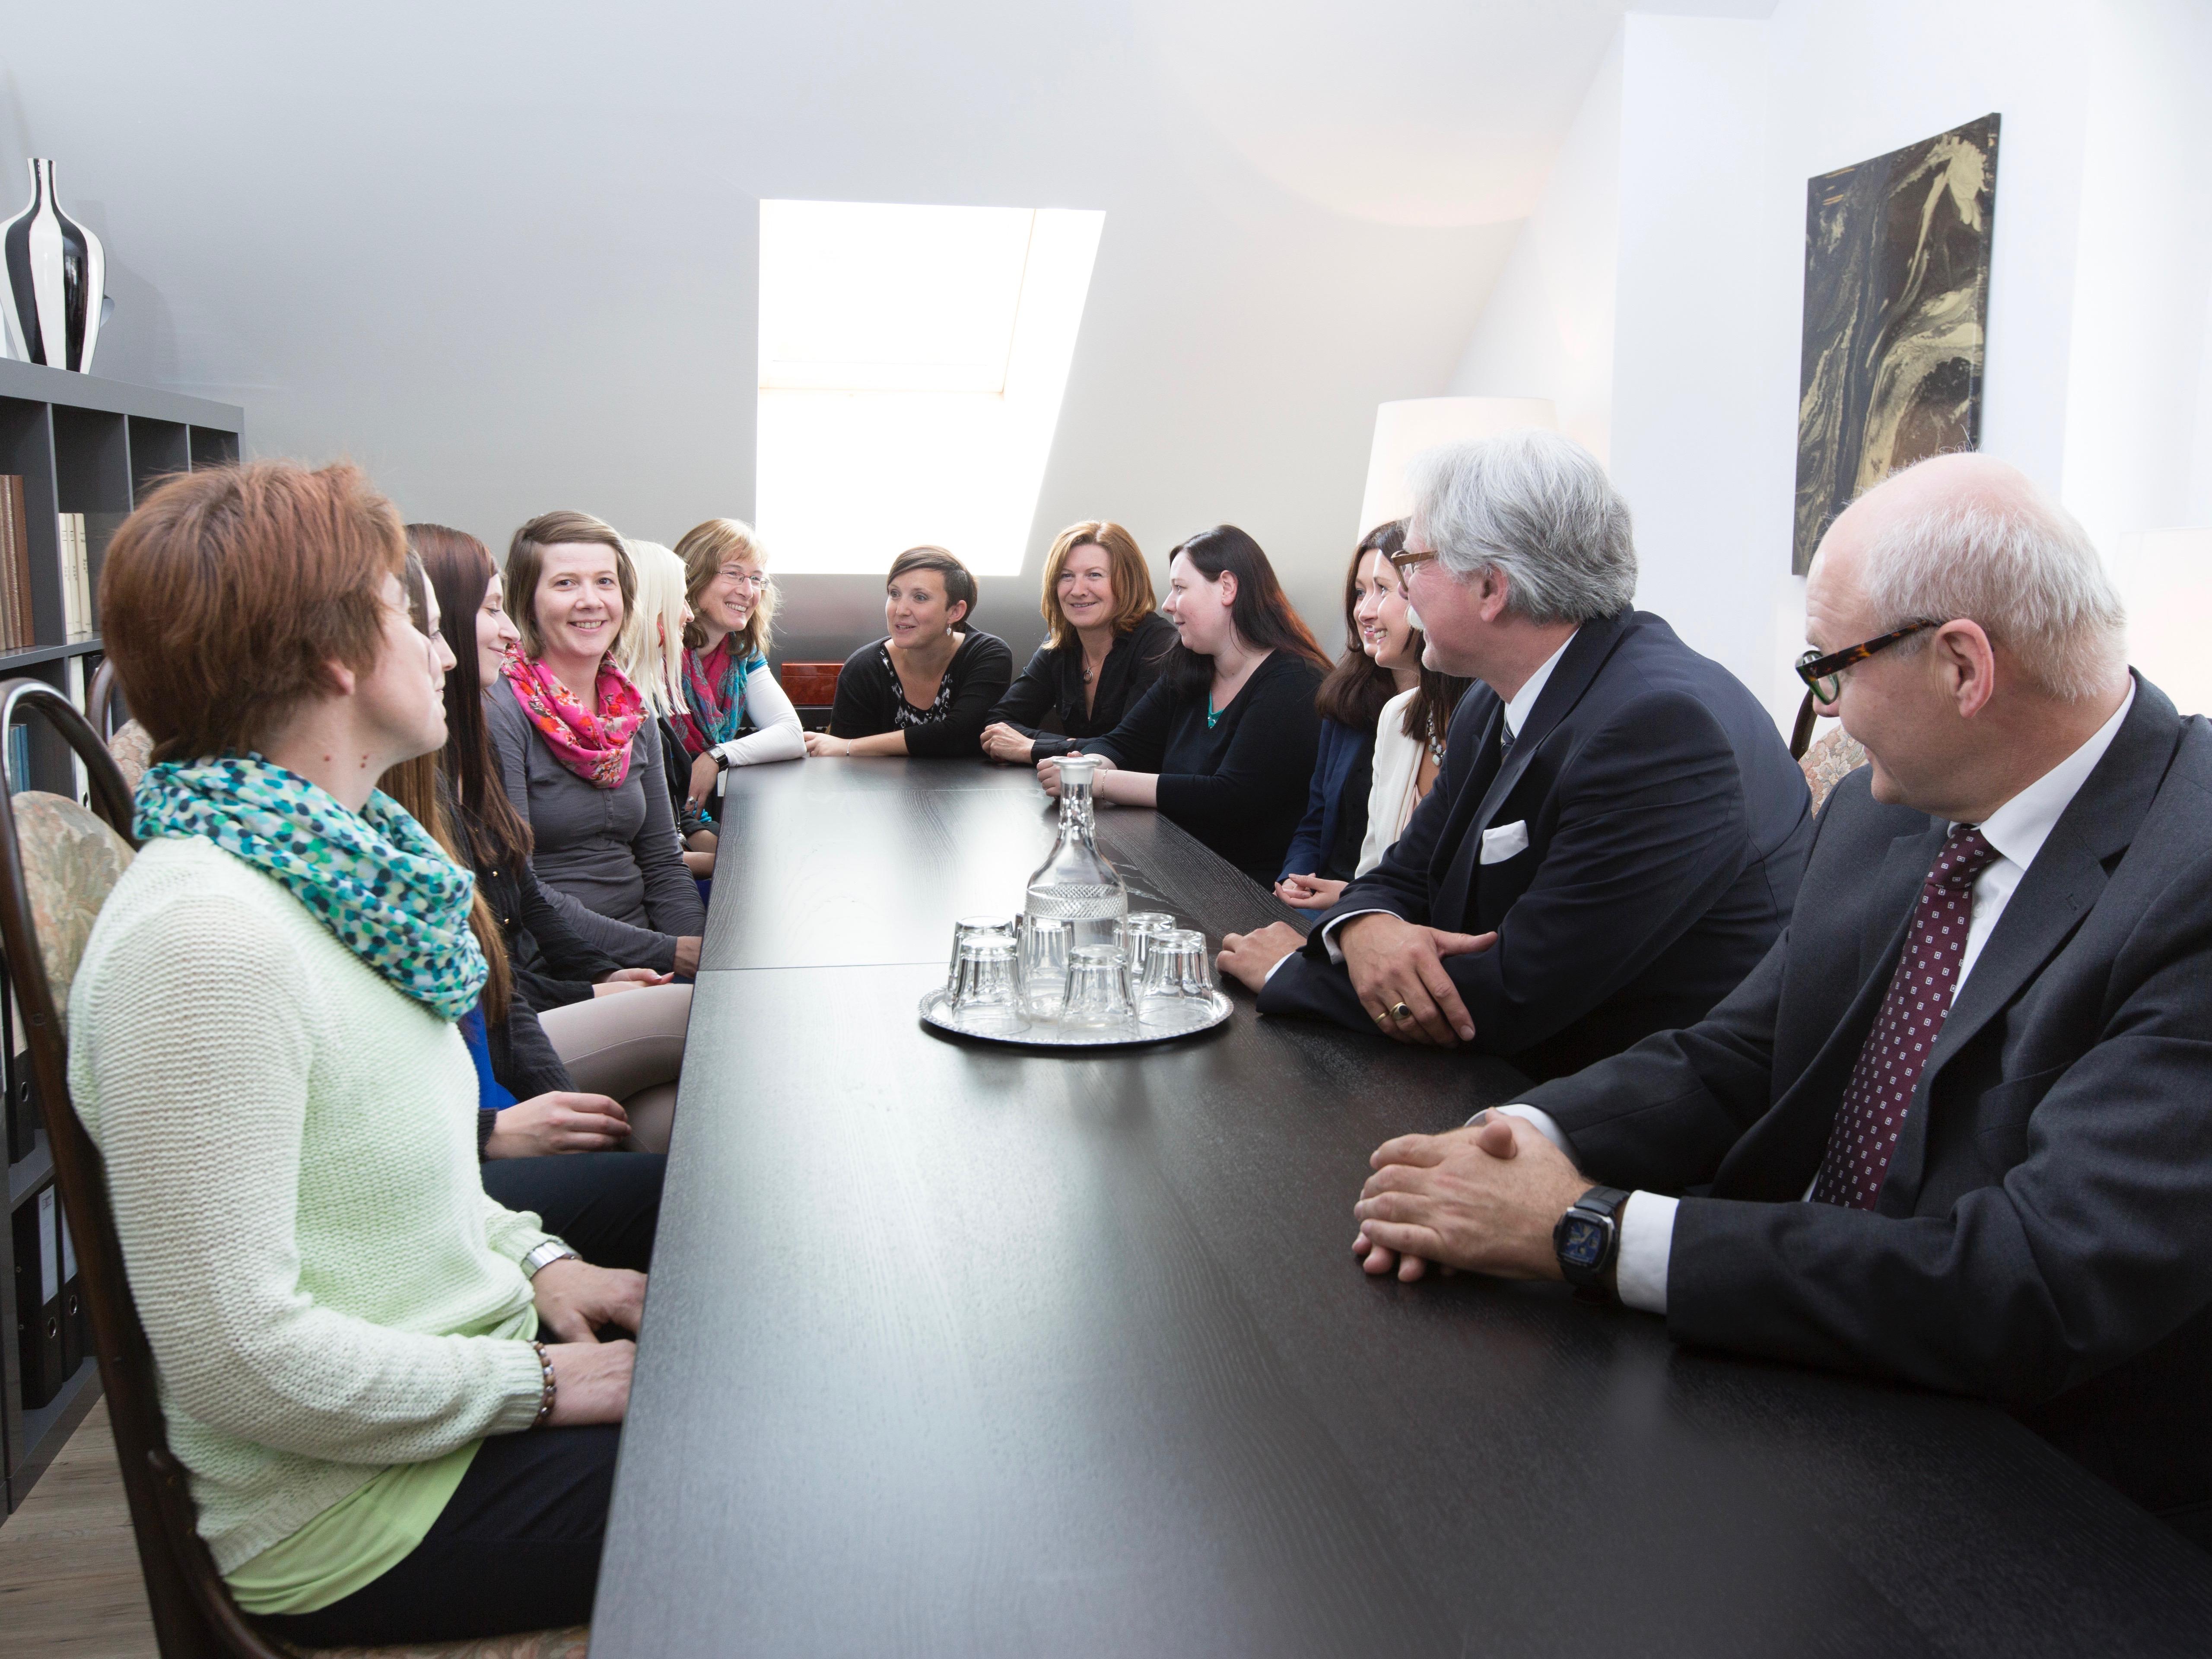 https://www.rechtsanwaelte-kempf-maier.com/wp-content/uploads/140_Firmenportraits_Rechtsanwalt_Kempf_Maier_KMR.jpg